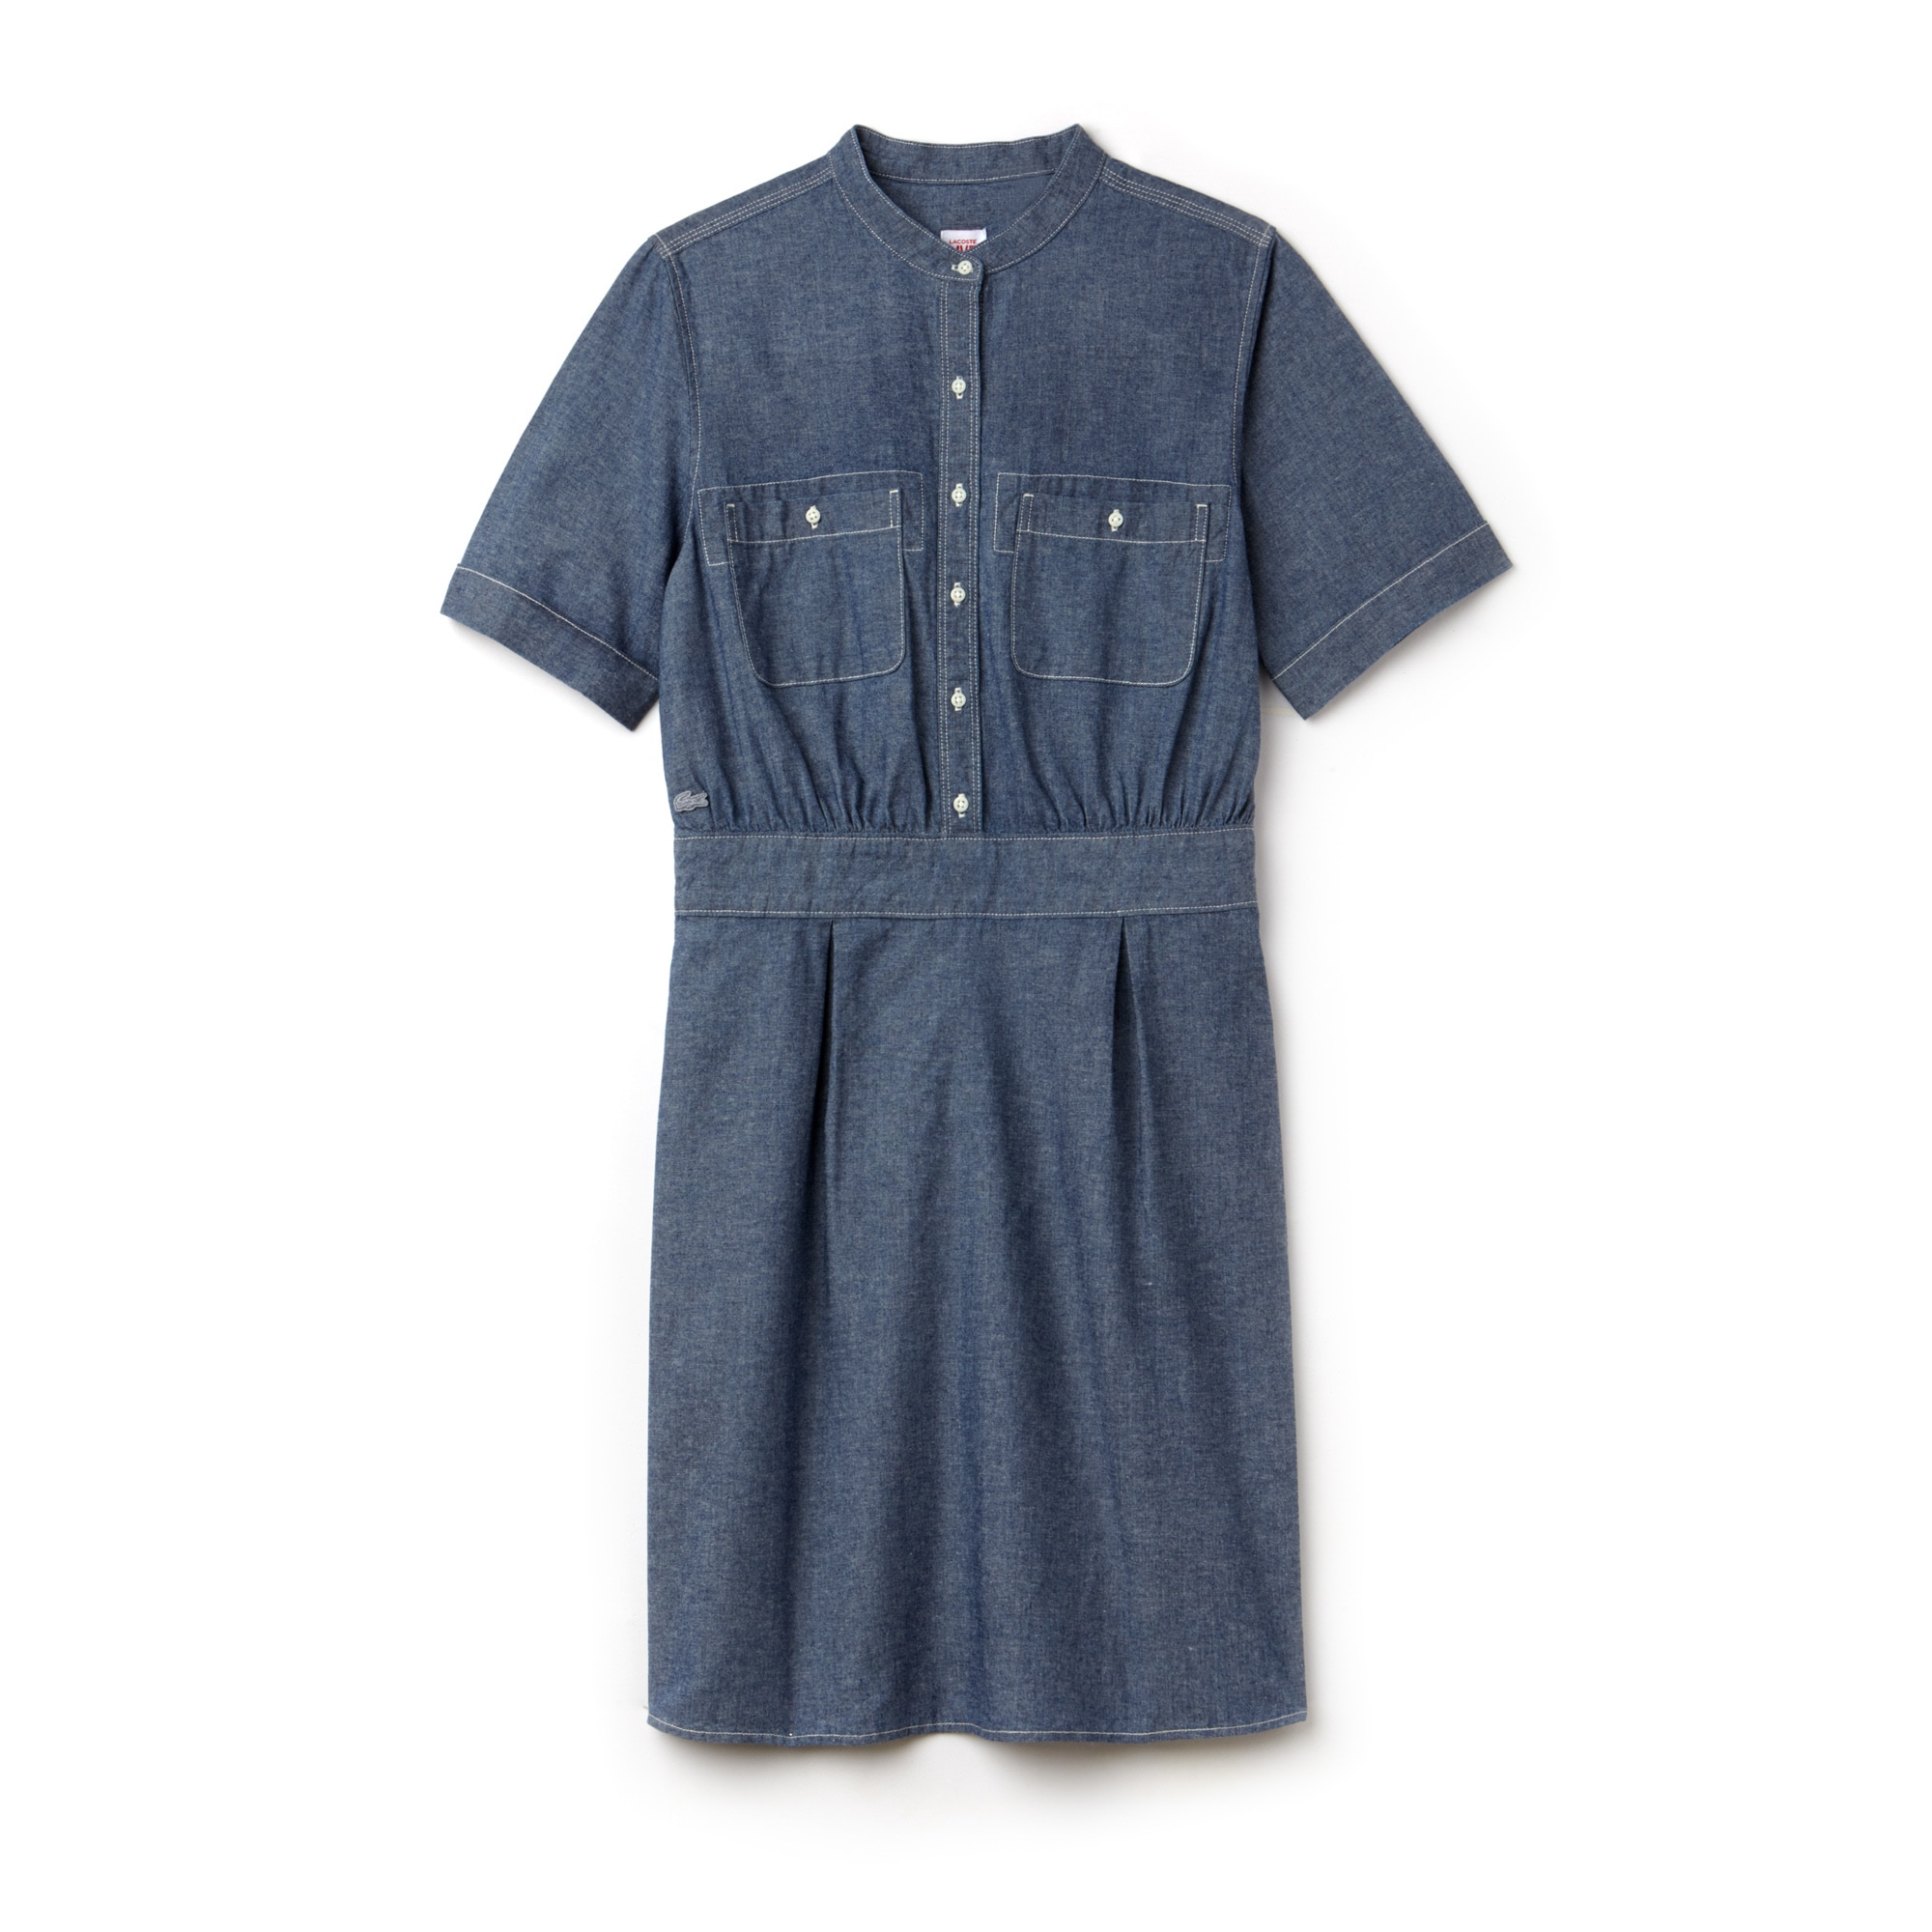 Vestido com colarinho de oficial Lacoste LIVE em cambraia de algodão